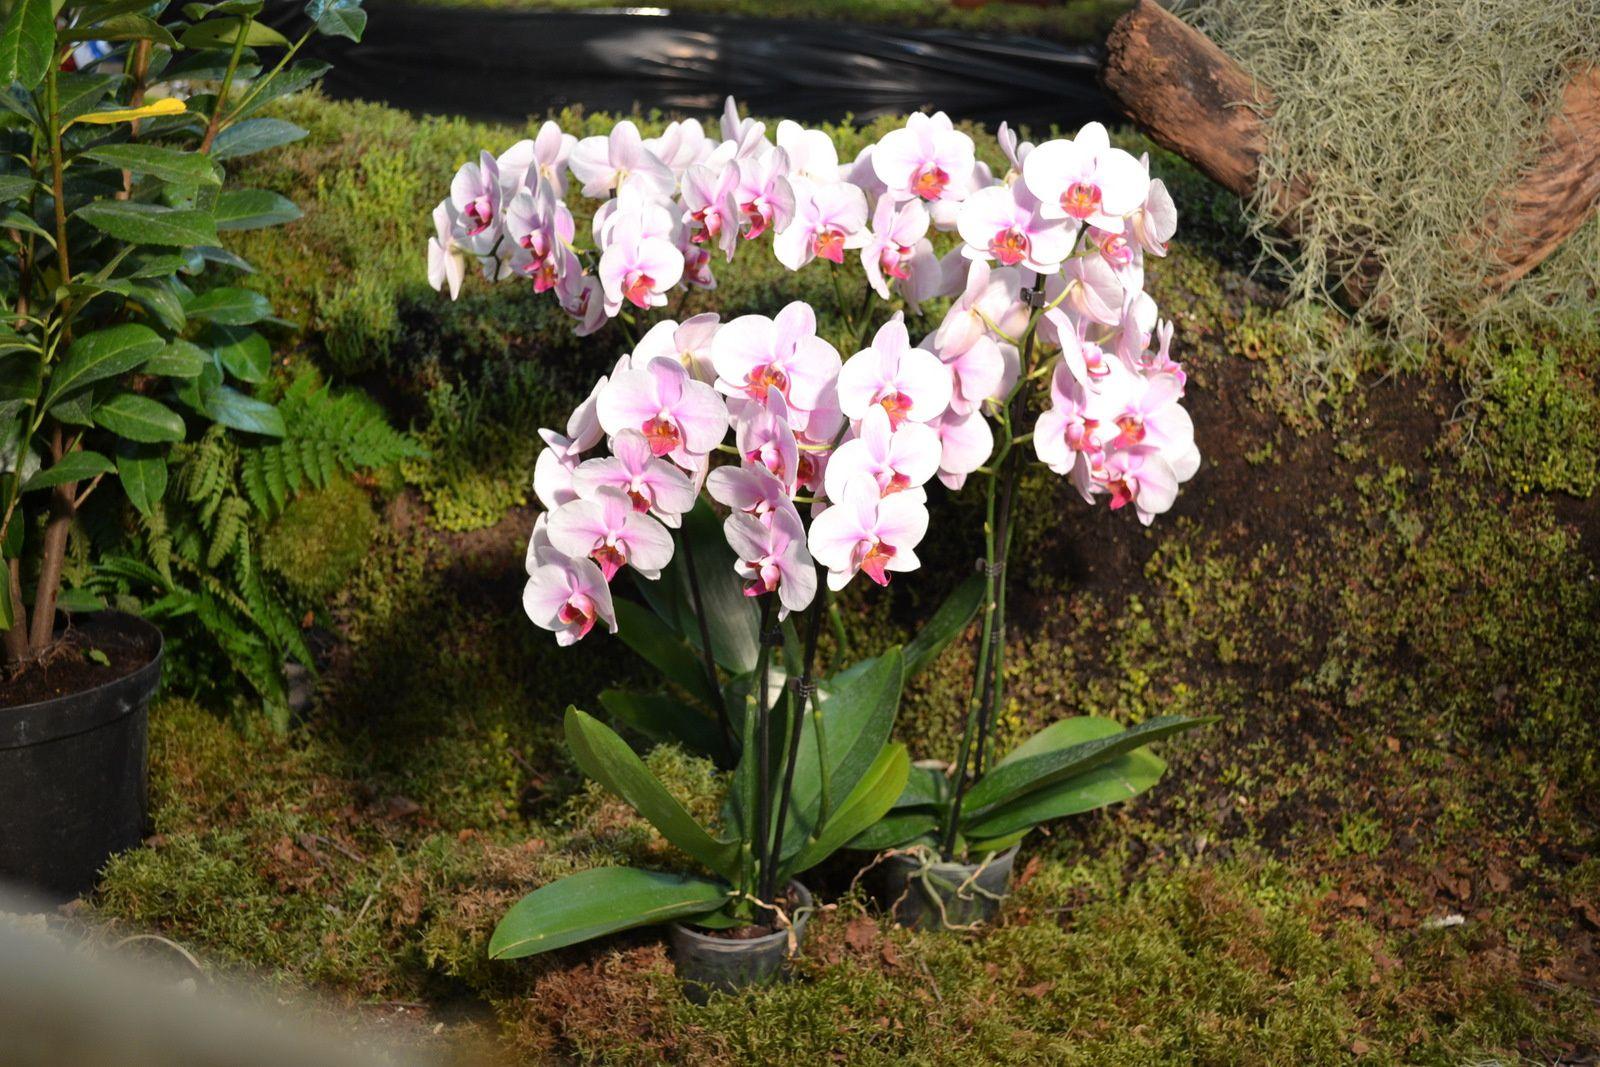 La fête des orchidées à Urcel (pinocchio)